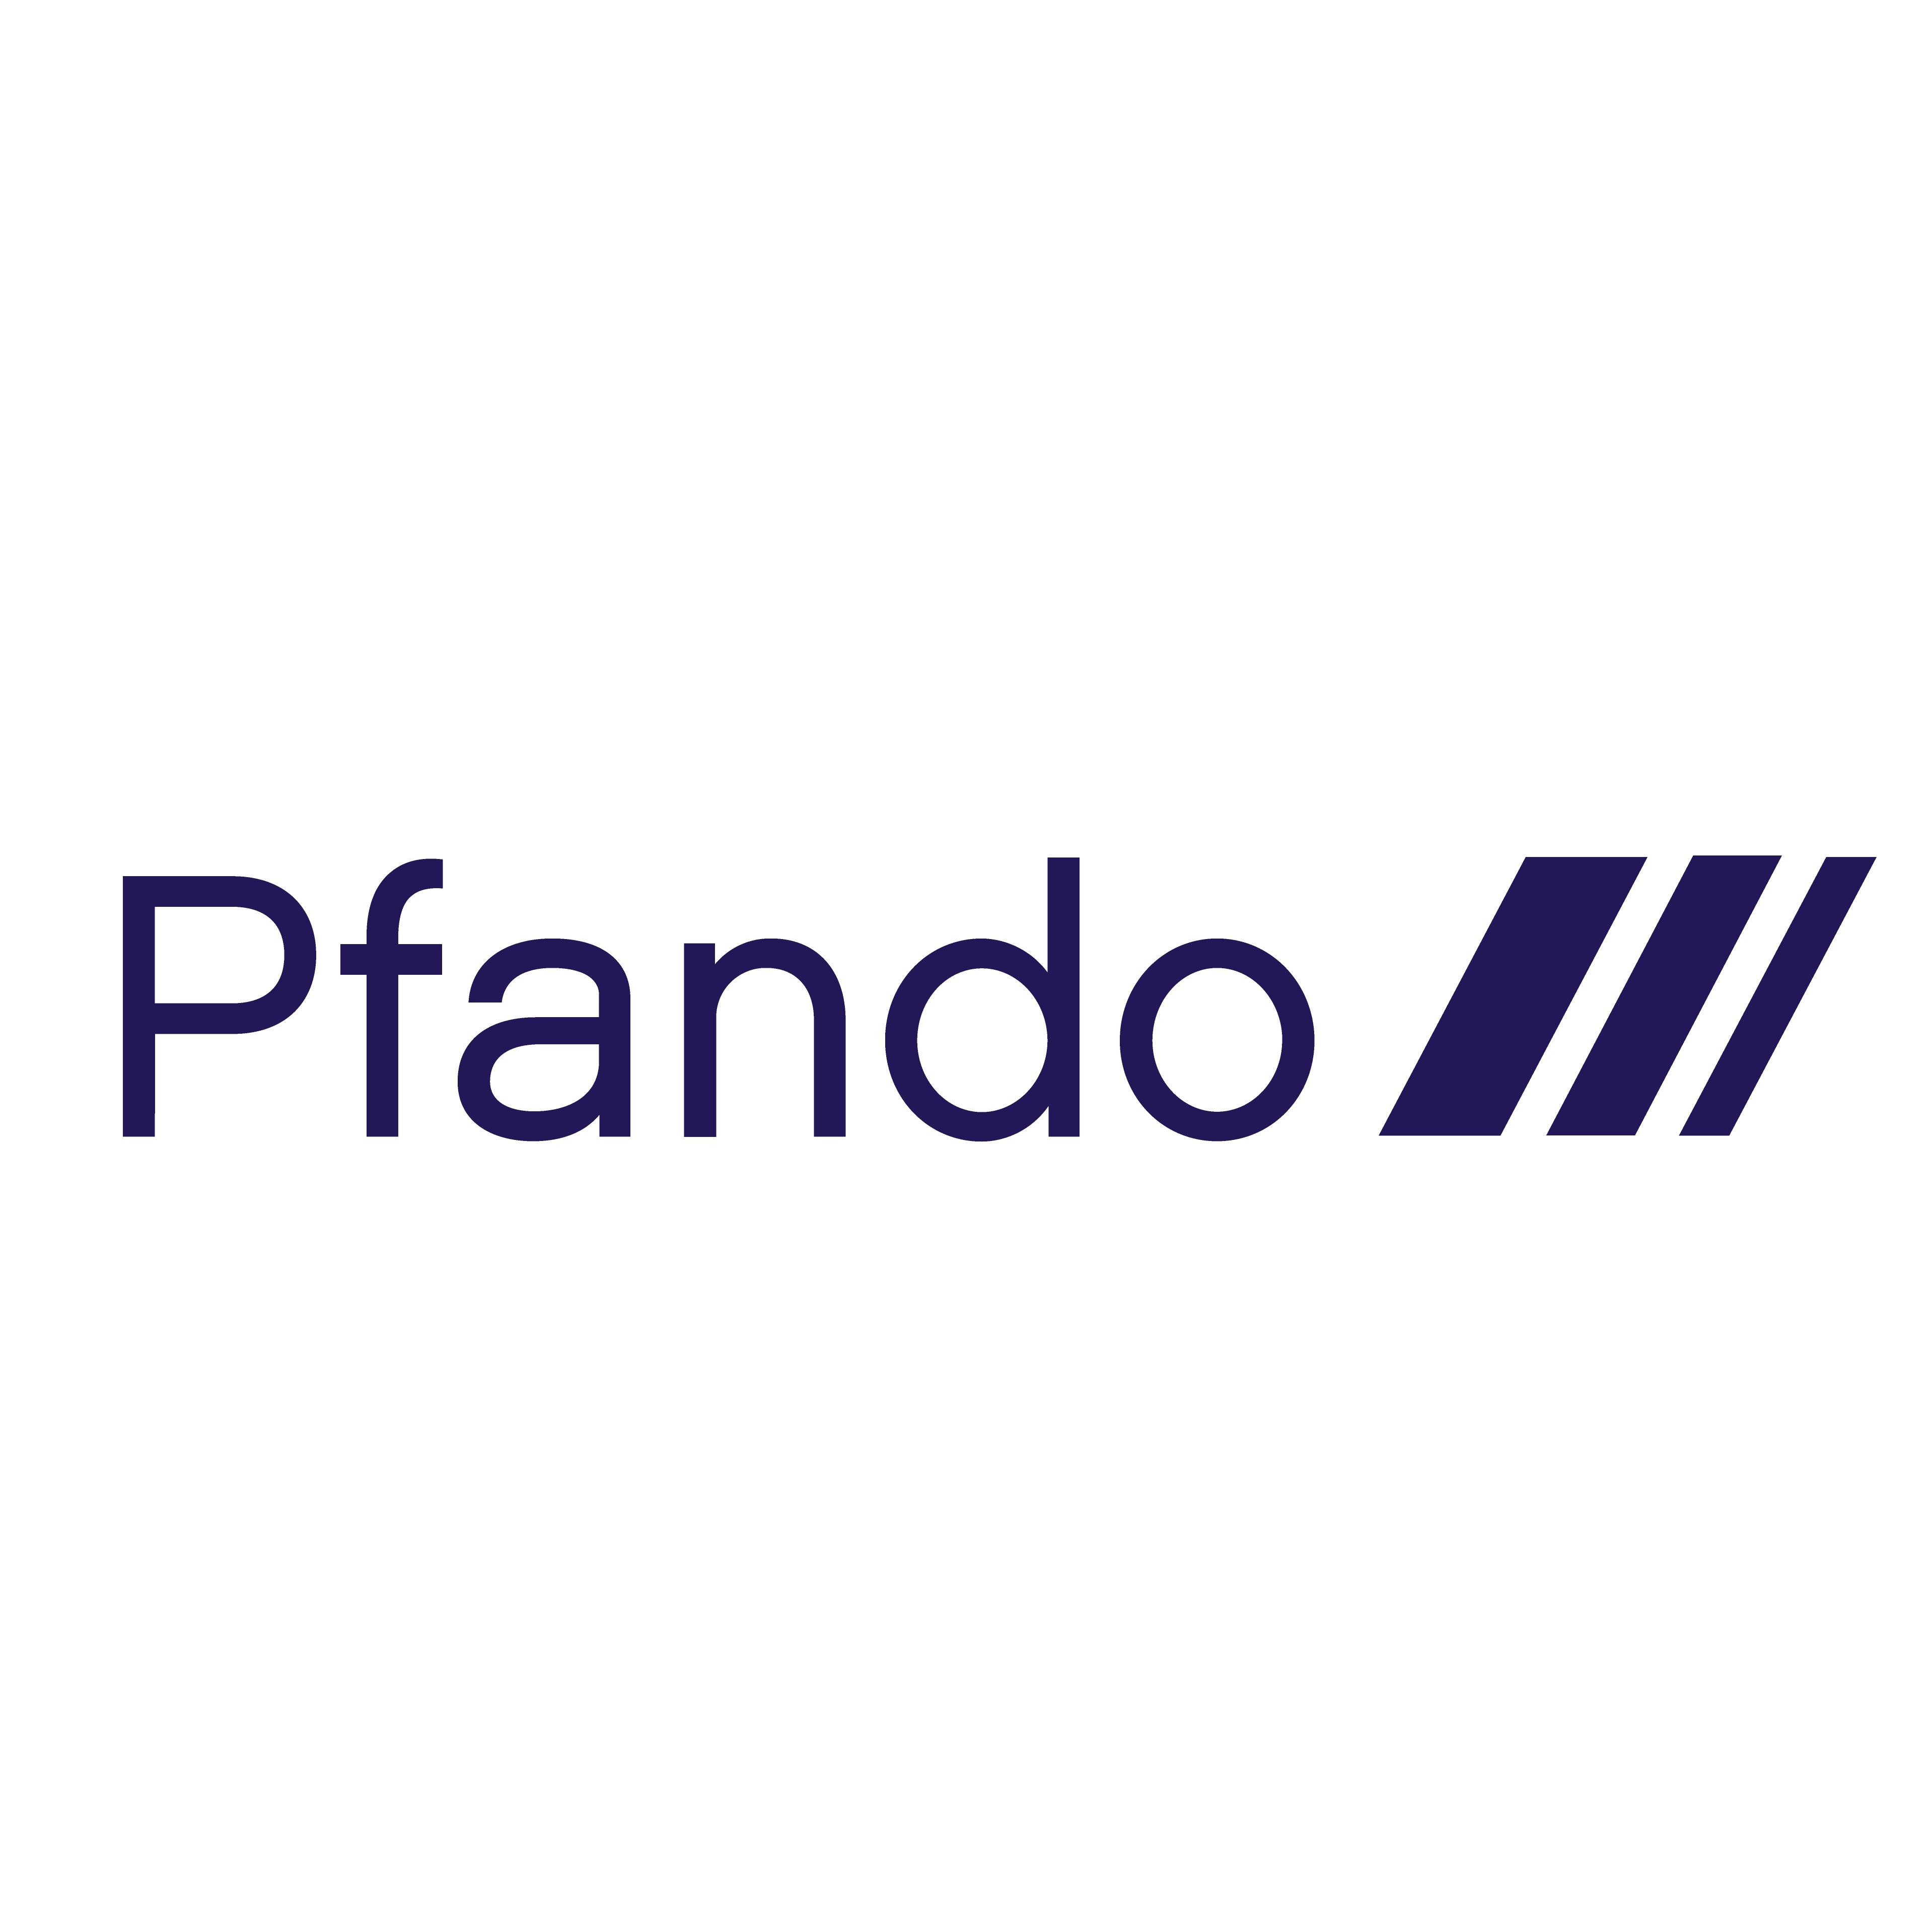 Bild zu Pfando - Kfz-Pfandleihhaus Dortmund in Dortmund